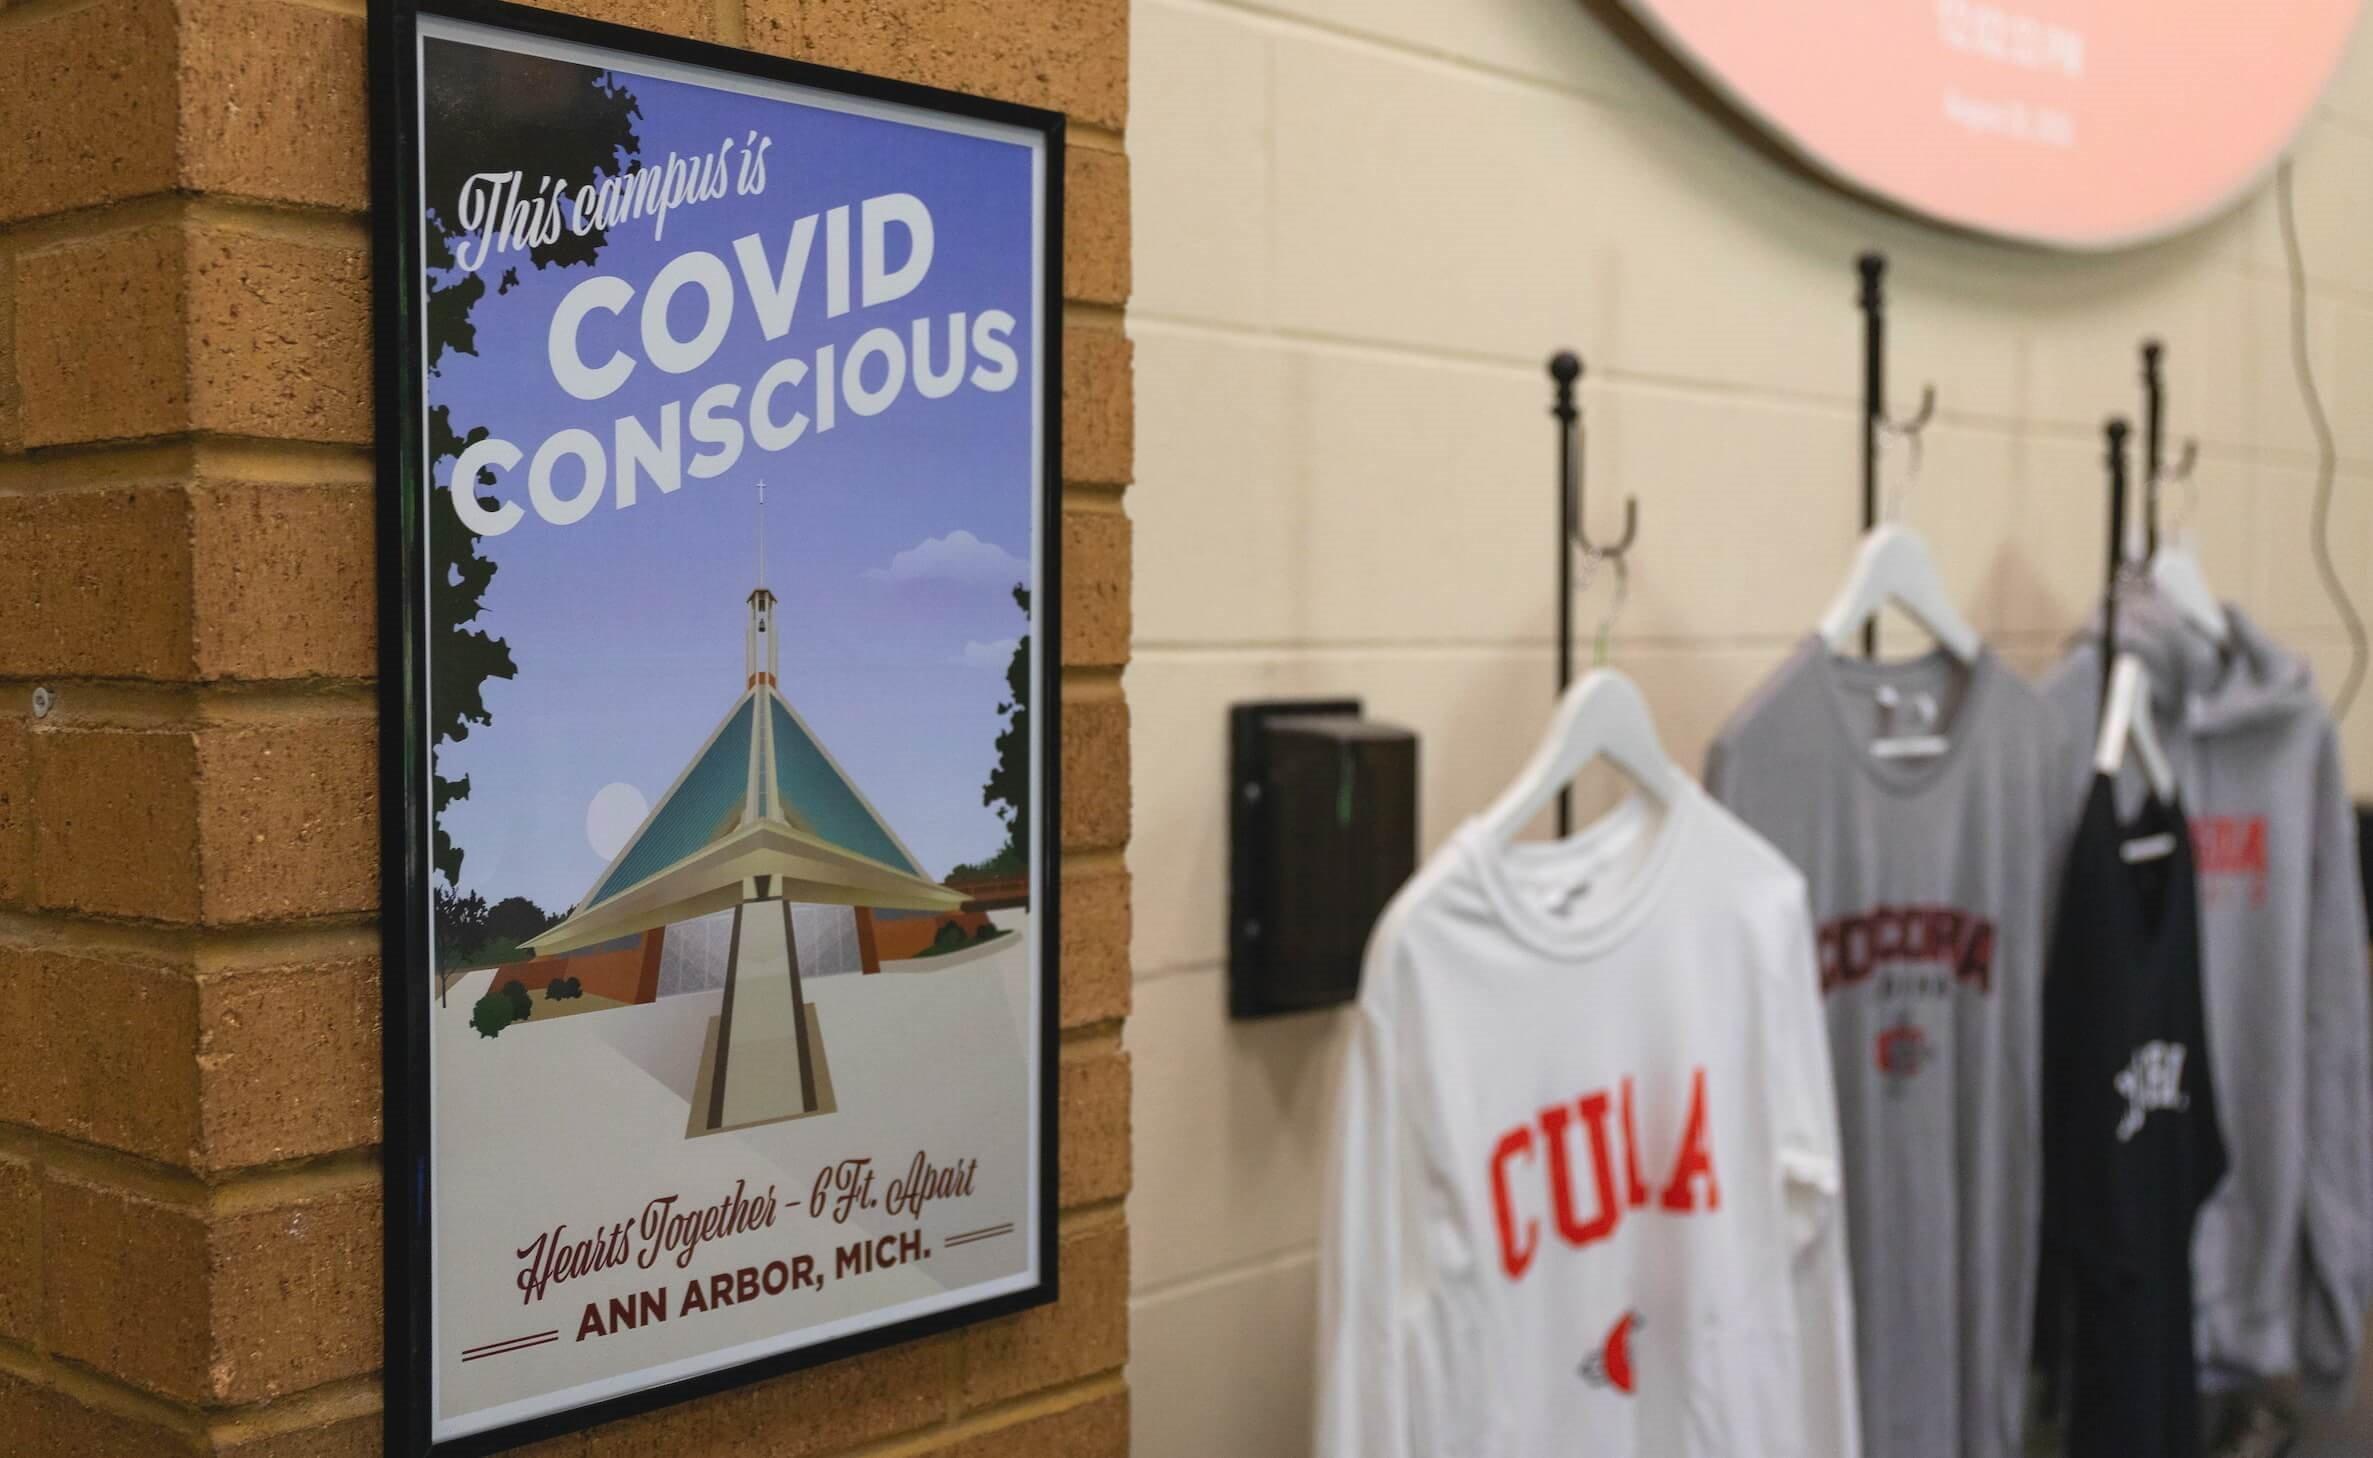 Covid conscious